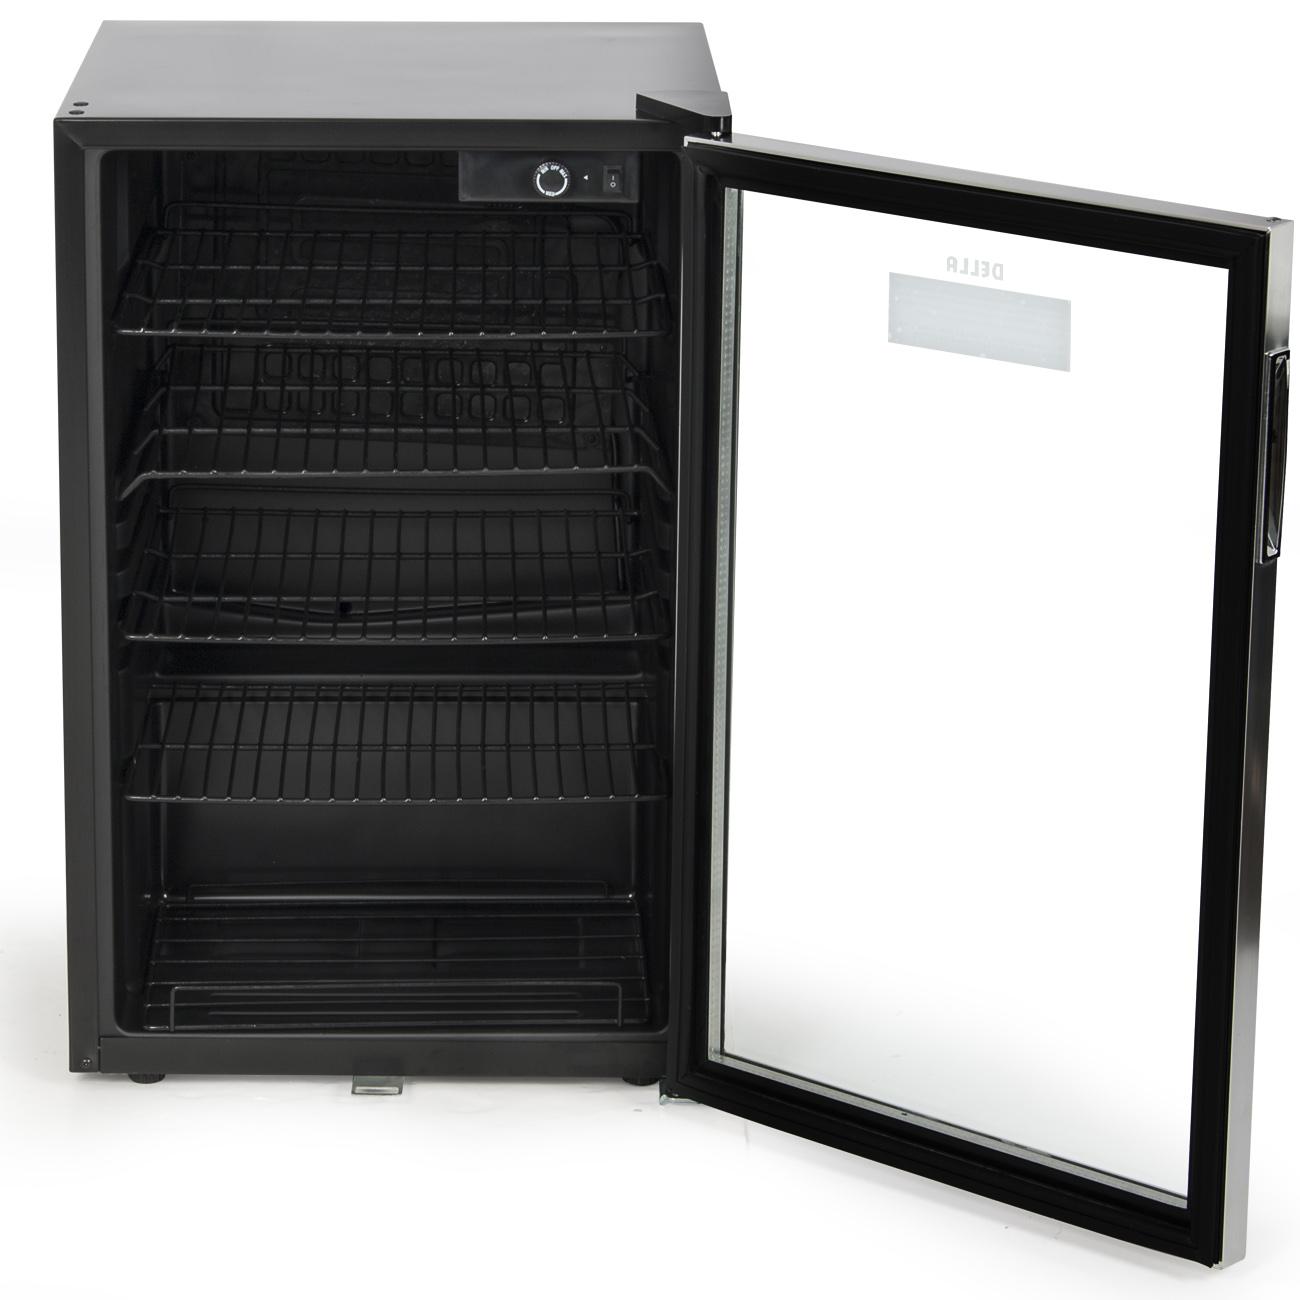 beverage mini refrigerator fridge stand wine soda beer water drinks bar cooler. Black Bedroom Furniture Sets. Home Design Ideas